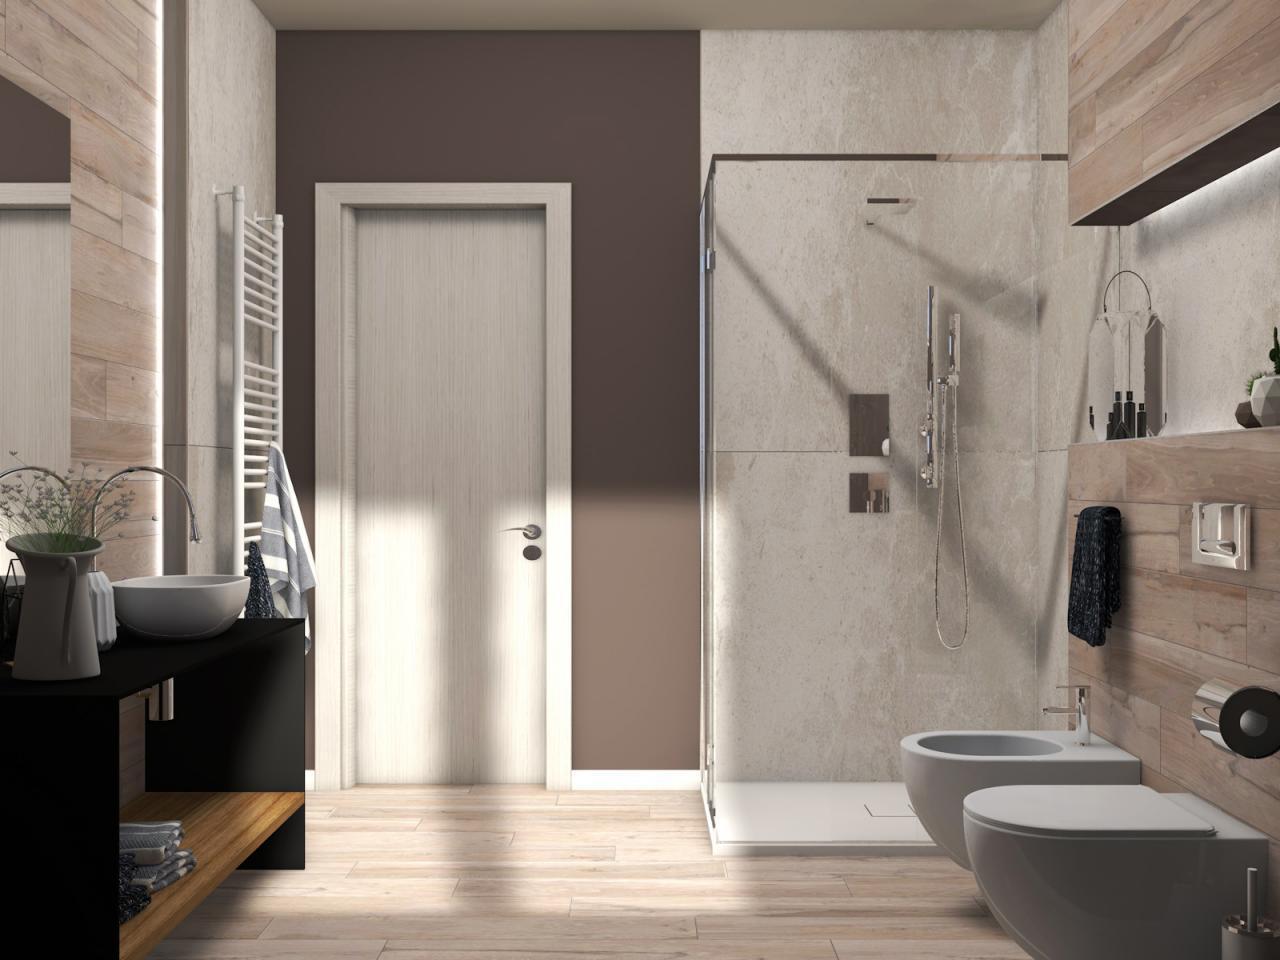 Plafoniere bagno moderne plafoniere a led per interni plafoniera soggiorno grande plafoniere for Plafoniere per bagno moderne